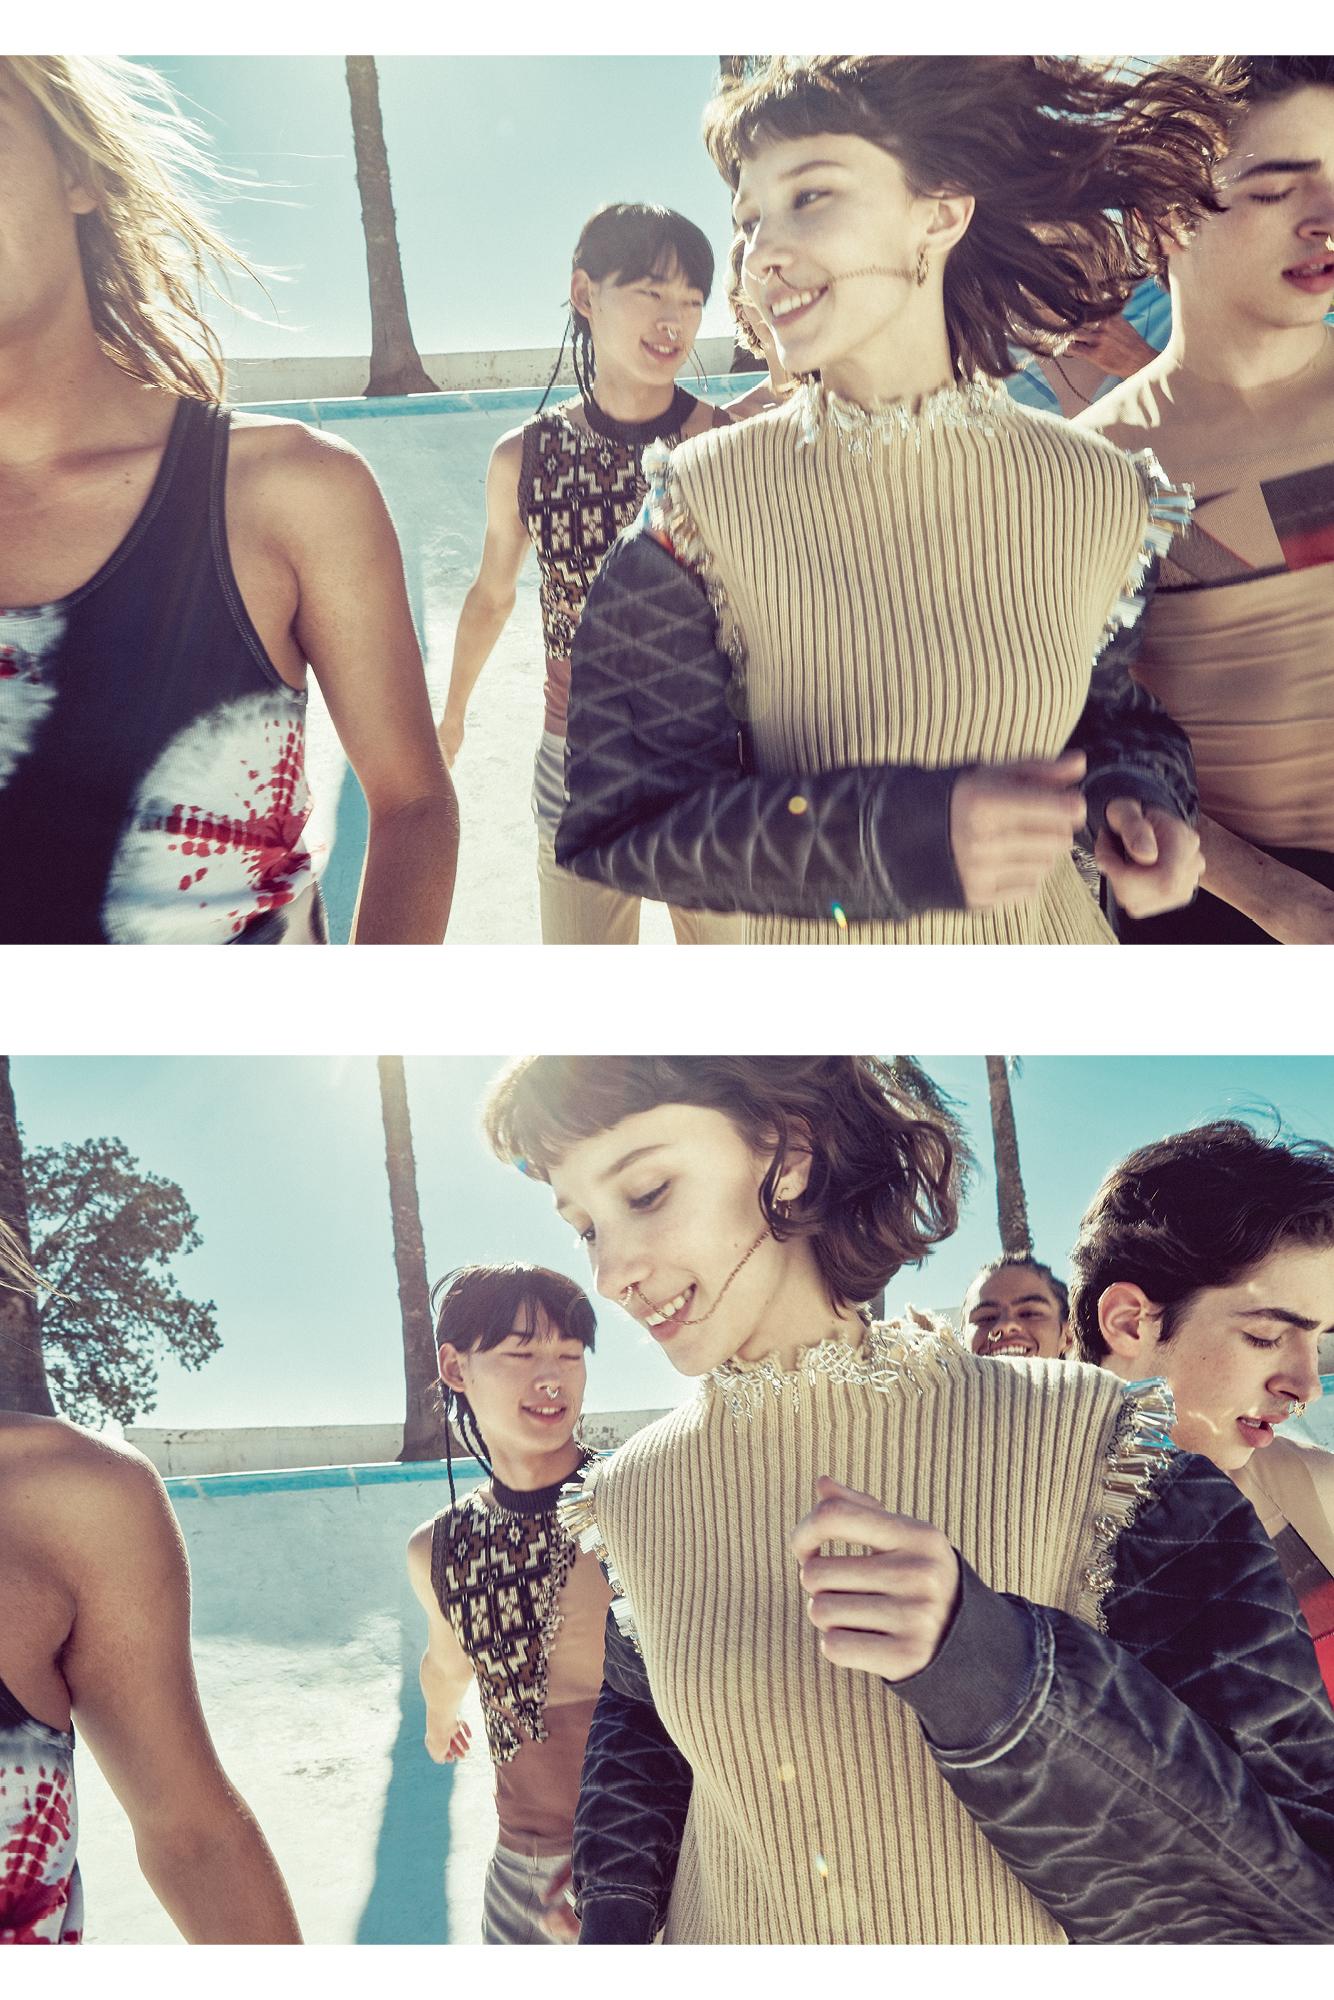 Elle, au centre : robe en laine rebrodée et pull en jersey de coton, LOUIS VUITTON. Lui, à gauche : débardeur en coton à motifs tie and dye, CALVIN KLEIN 205W39NYC. Lui, derrière : haut en polyester et pantalon en laine, CMMN SWDN. Lui, à droite : haut en polyester, CMMN SWDN.